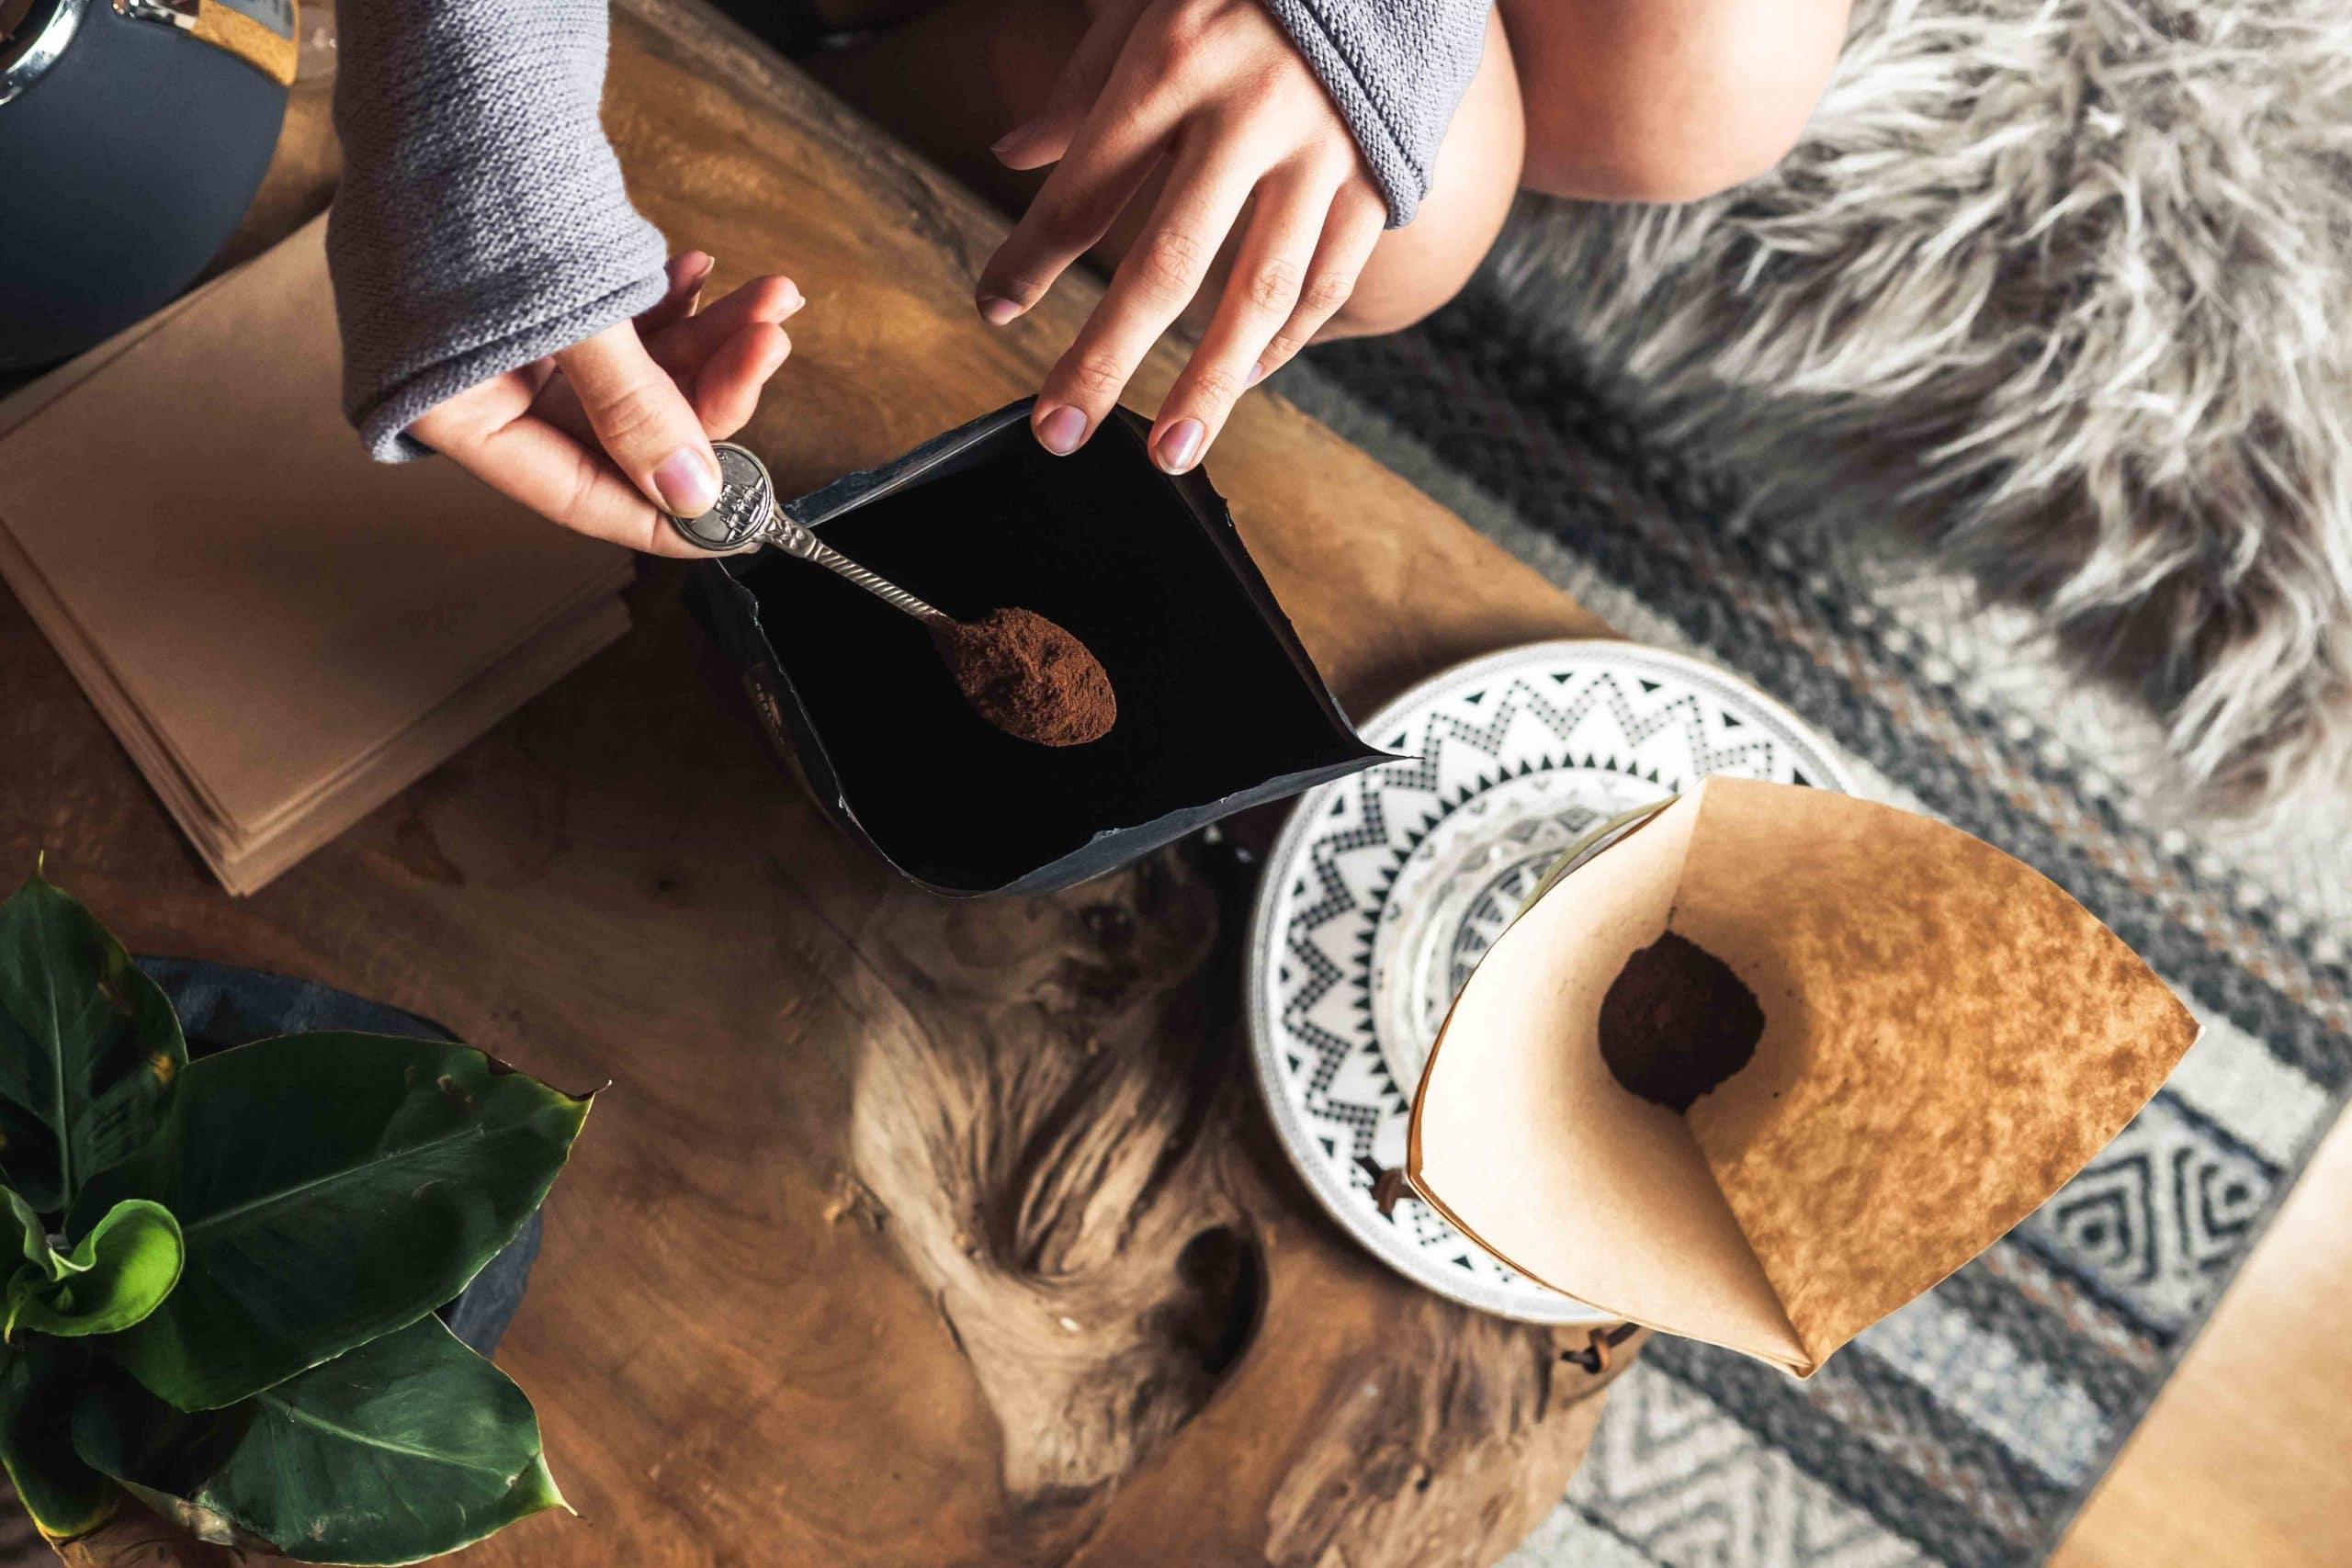 barista royal kaffee 35 von 130 scaled